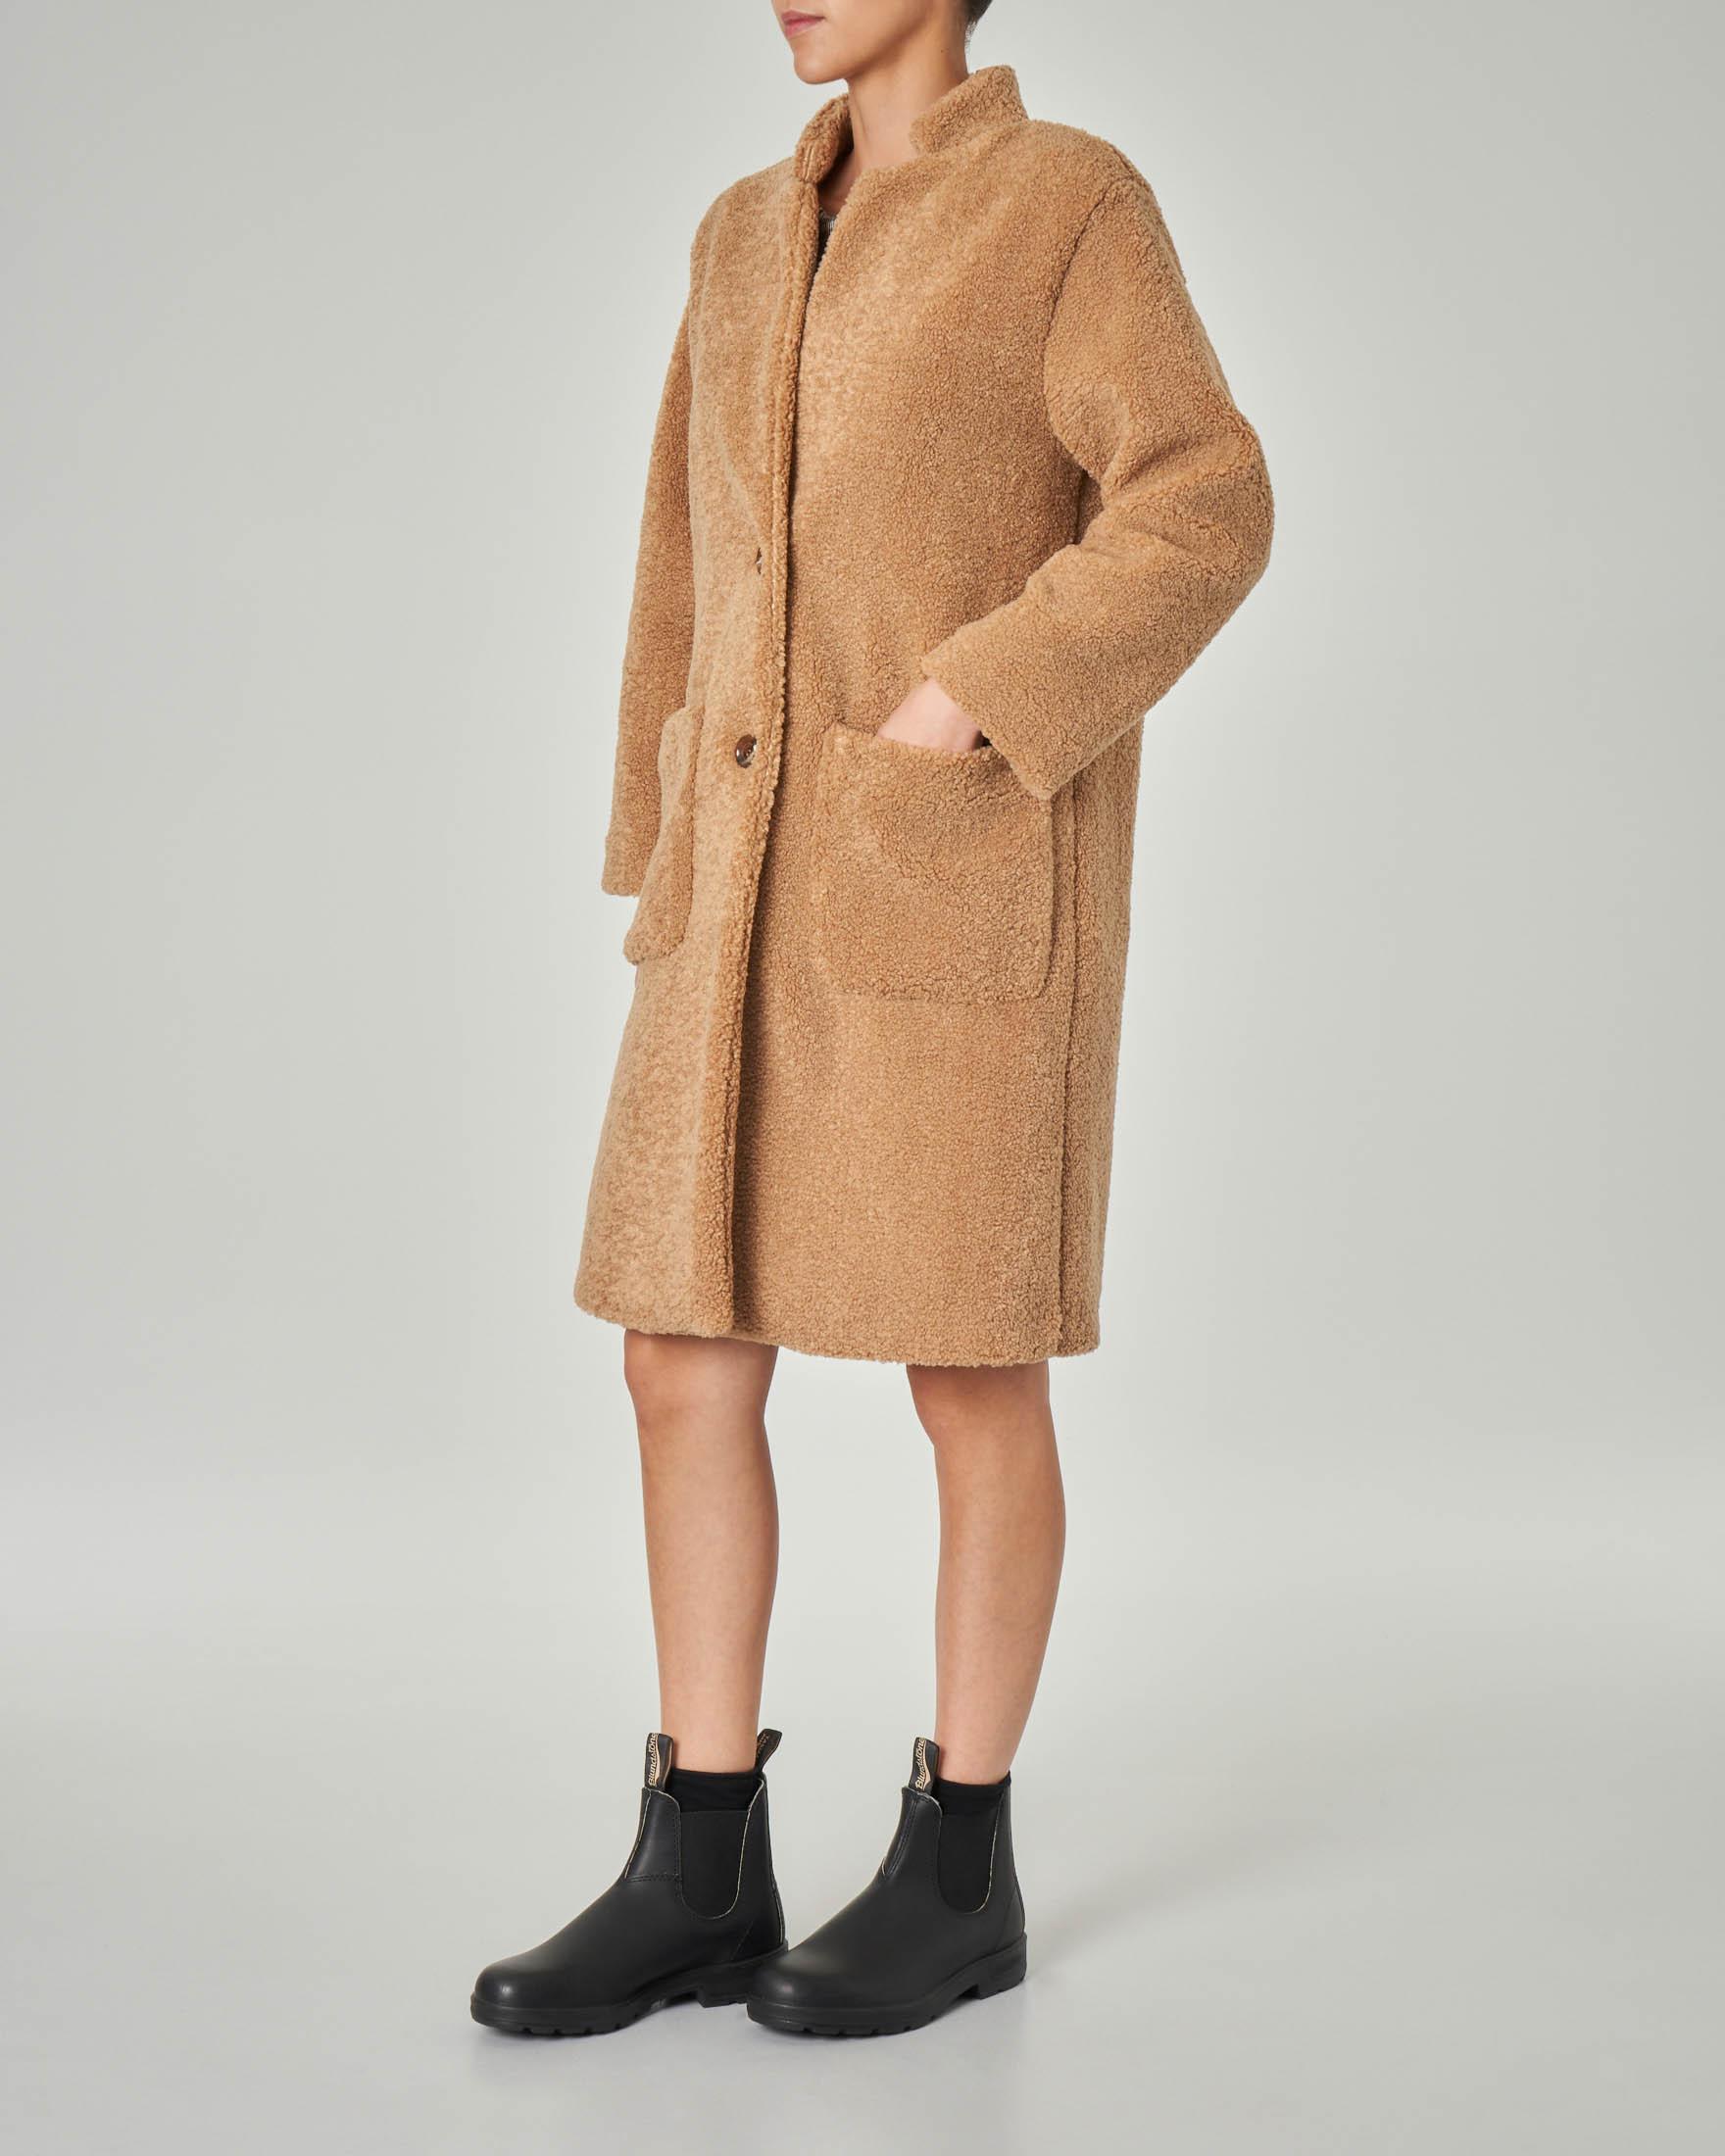 Cappotto teddy color cammello con colletto in piedi